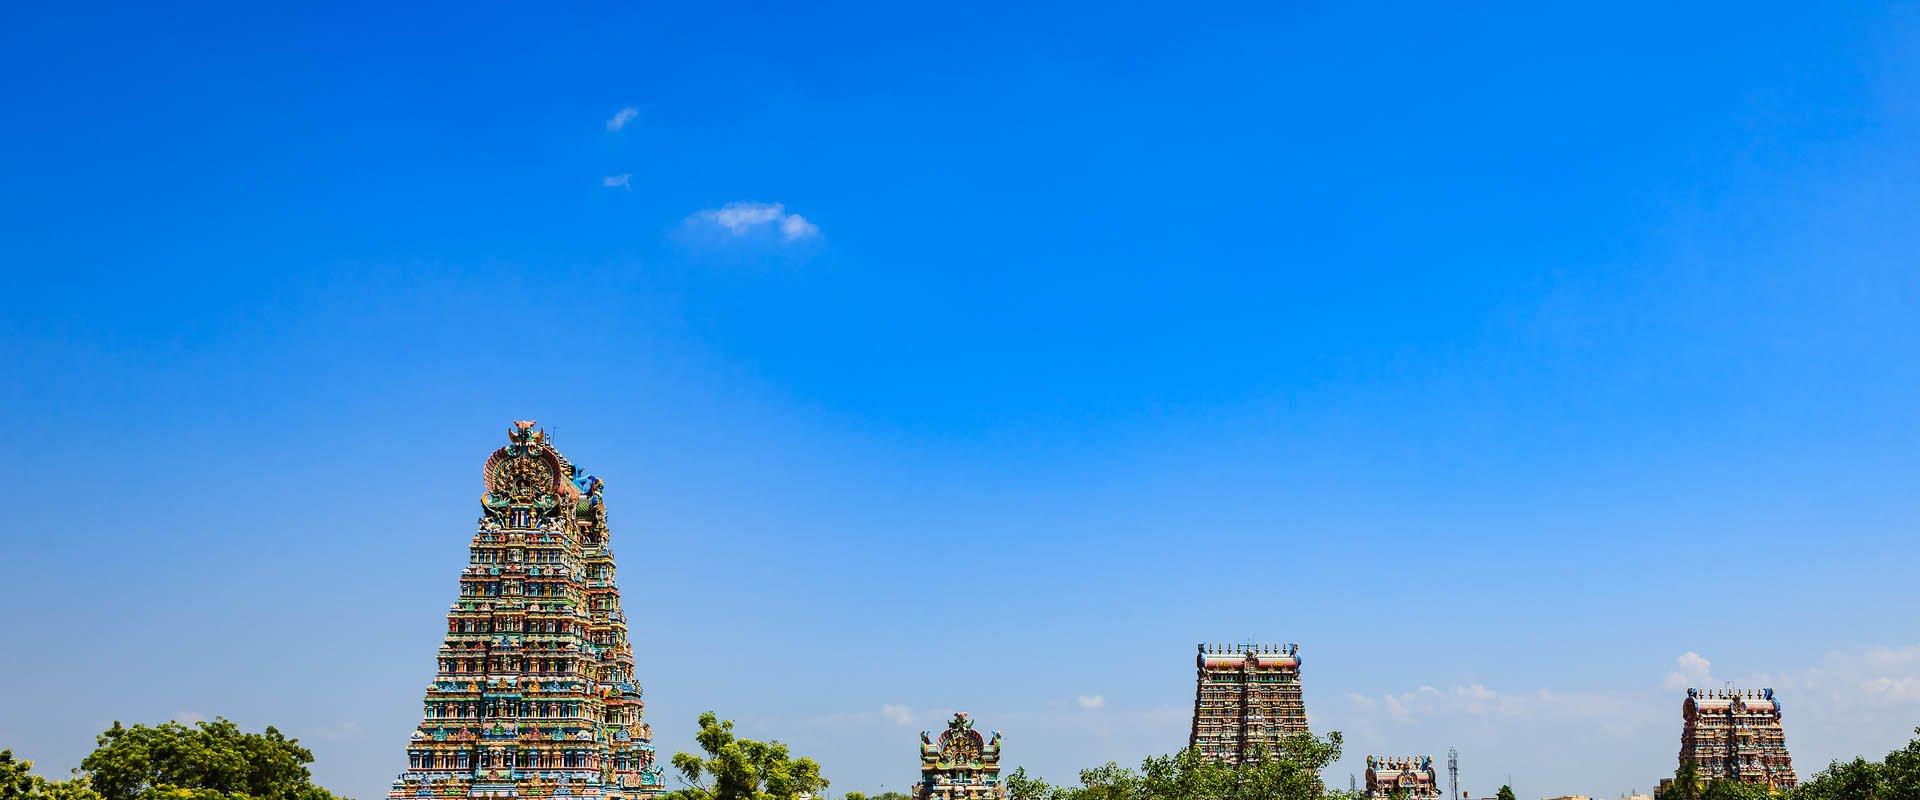 Tamil Nadu Public Holidays 2019 - PublicHolidays.in